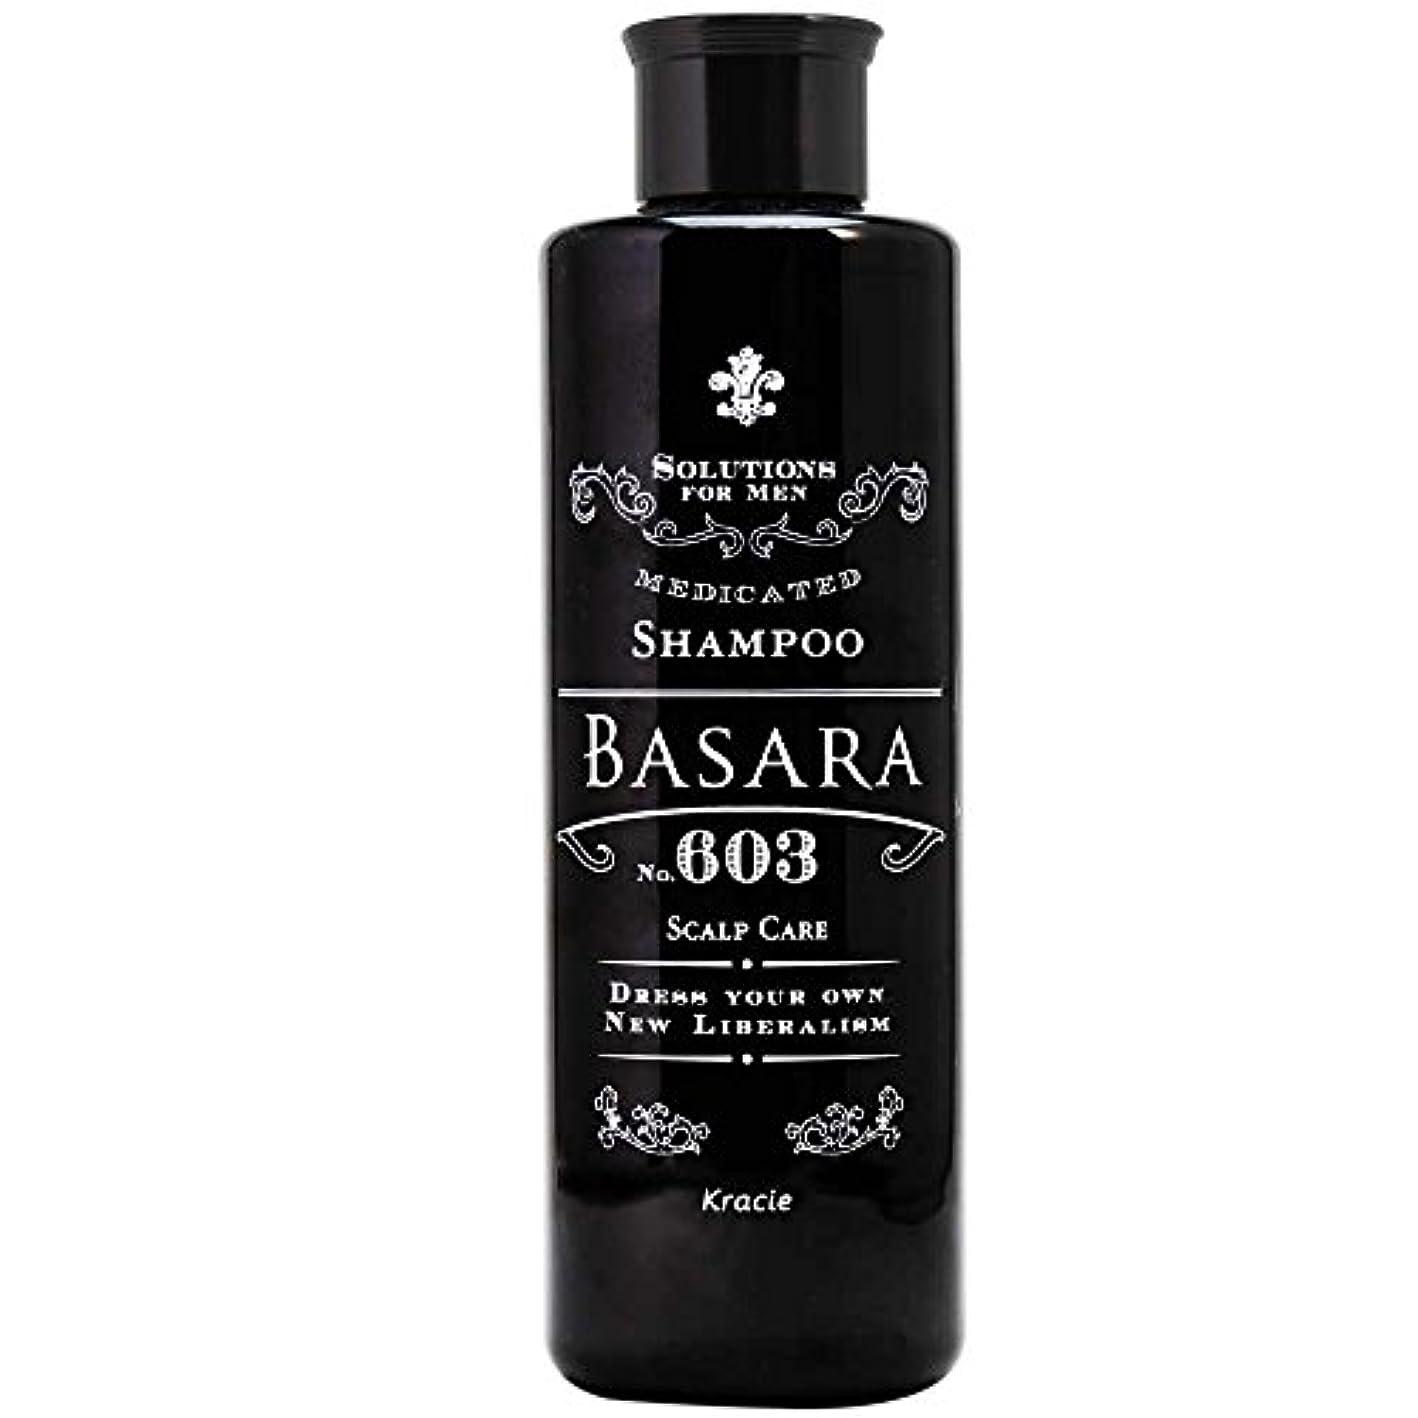 郵便番号ほぼ落ちたクラシエ バサラ 603 薬用スカルプシャンプー 250ml